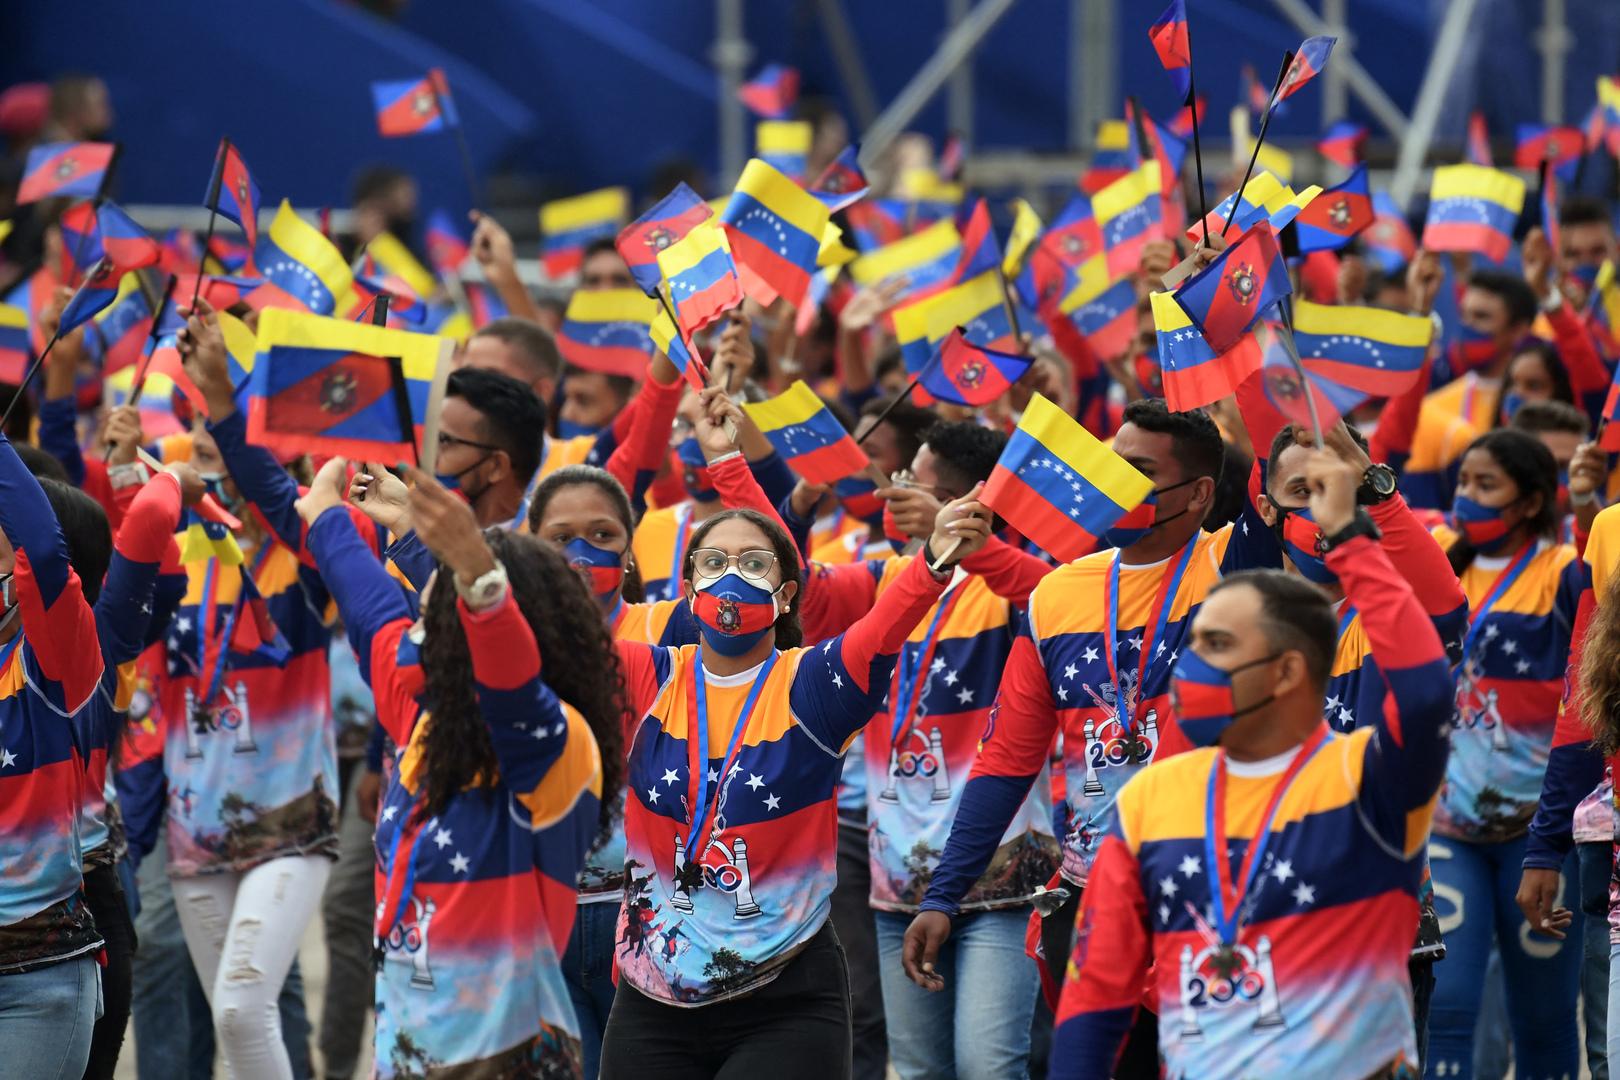 رويترز: الحكومة والمعارضة الفنزويلية تستعدان لجولة جديدة من المباحثات في أغسطس